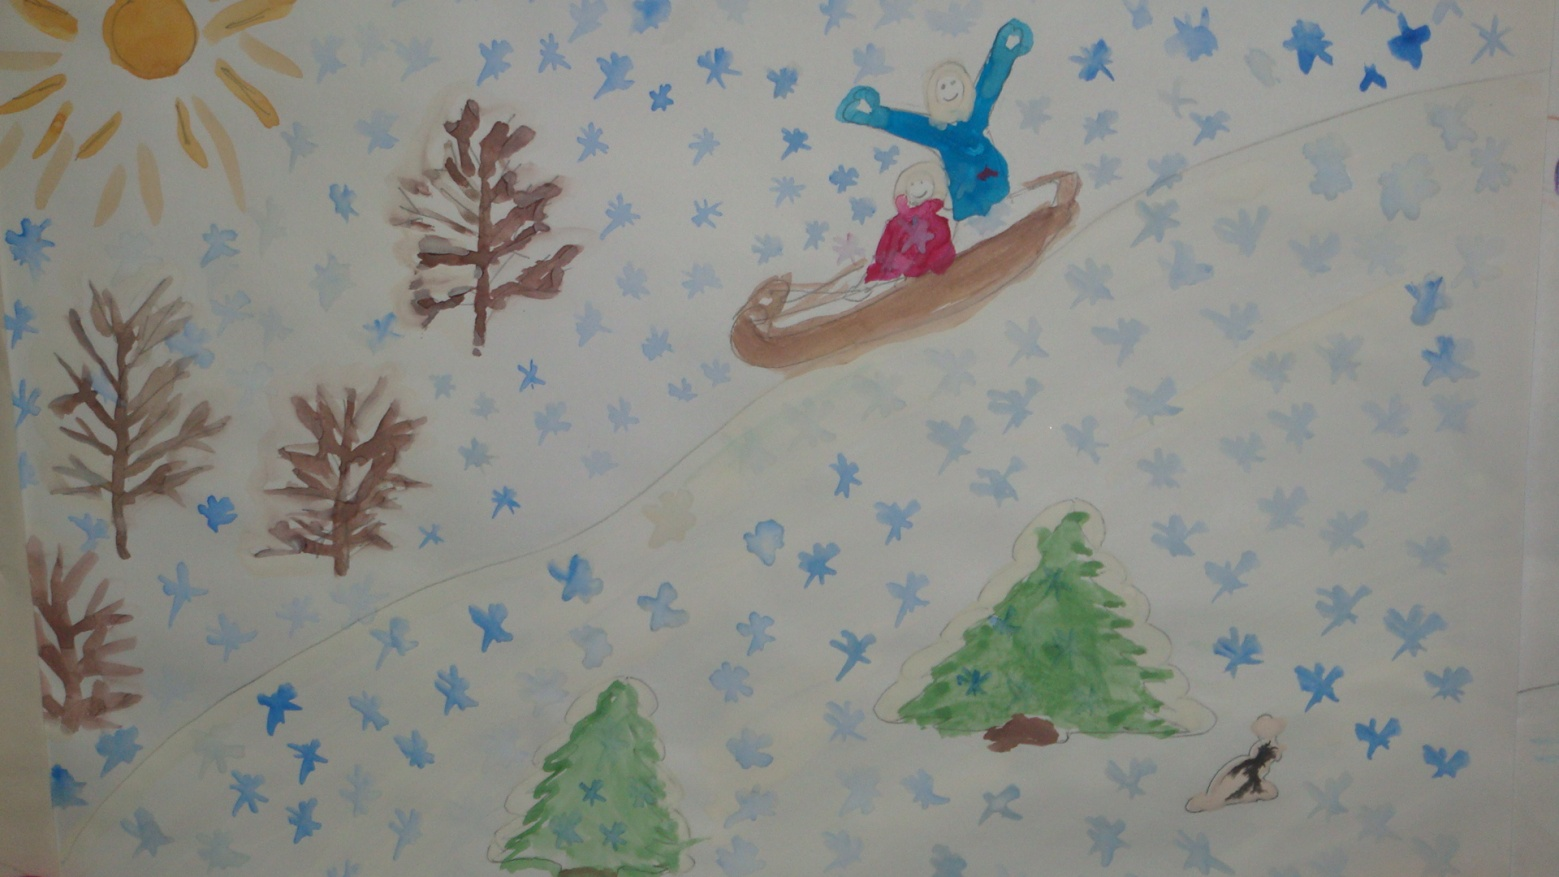 C:\Users\Пользователь\Desktop\Проект Сезонные измен.зимой\Выставка рисунков 2012\v 340.jpg